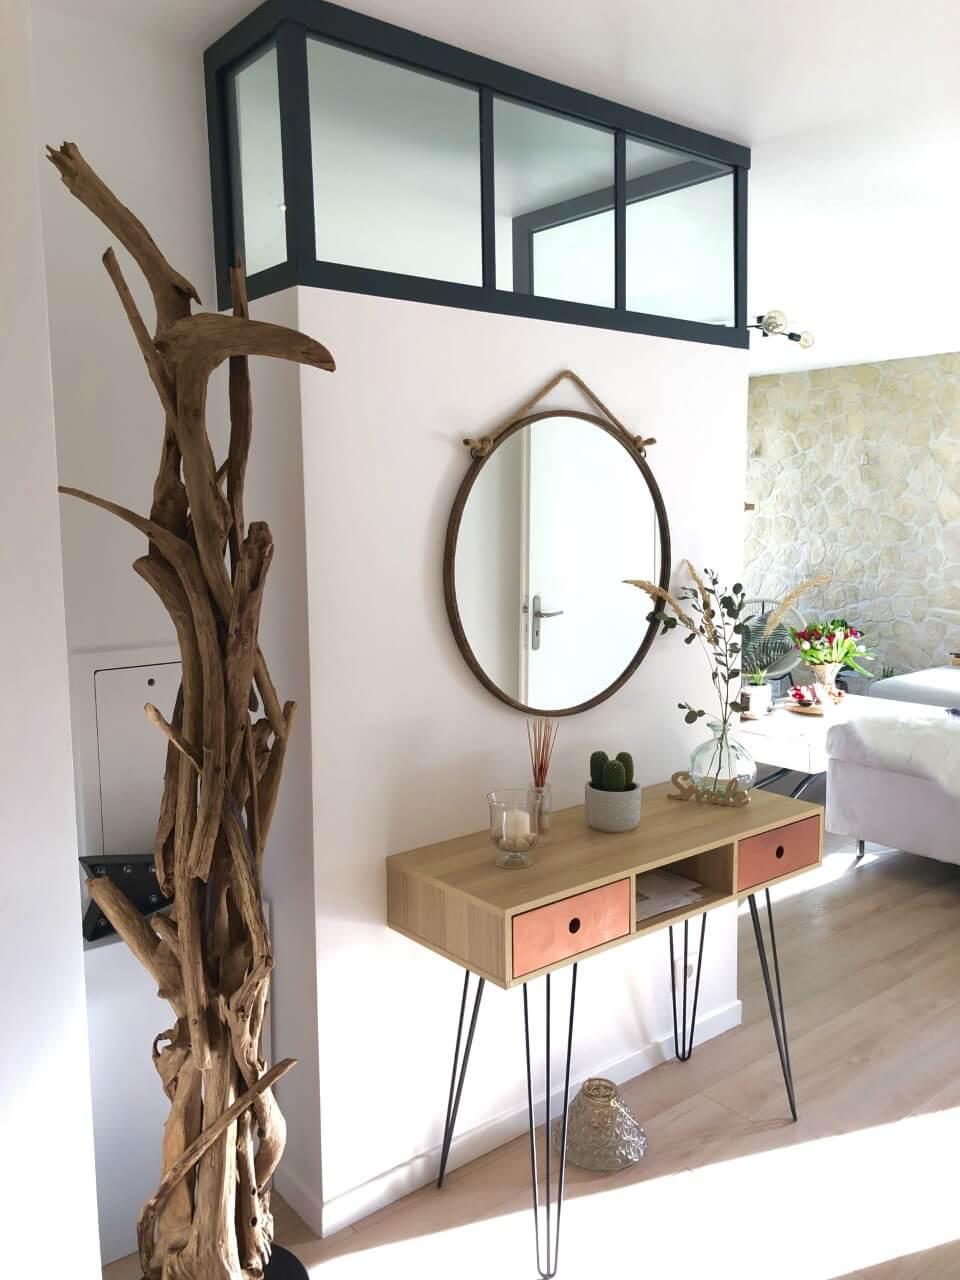 Verriere industielle salon - Bénéficiez de conseils gratuits pour votre rénovation intérieure